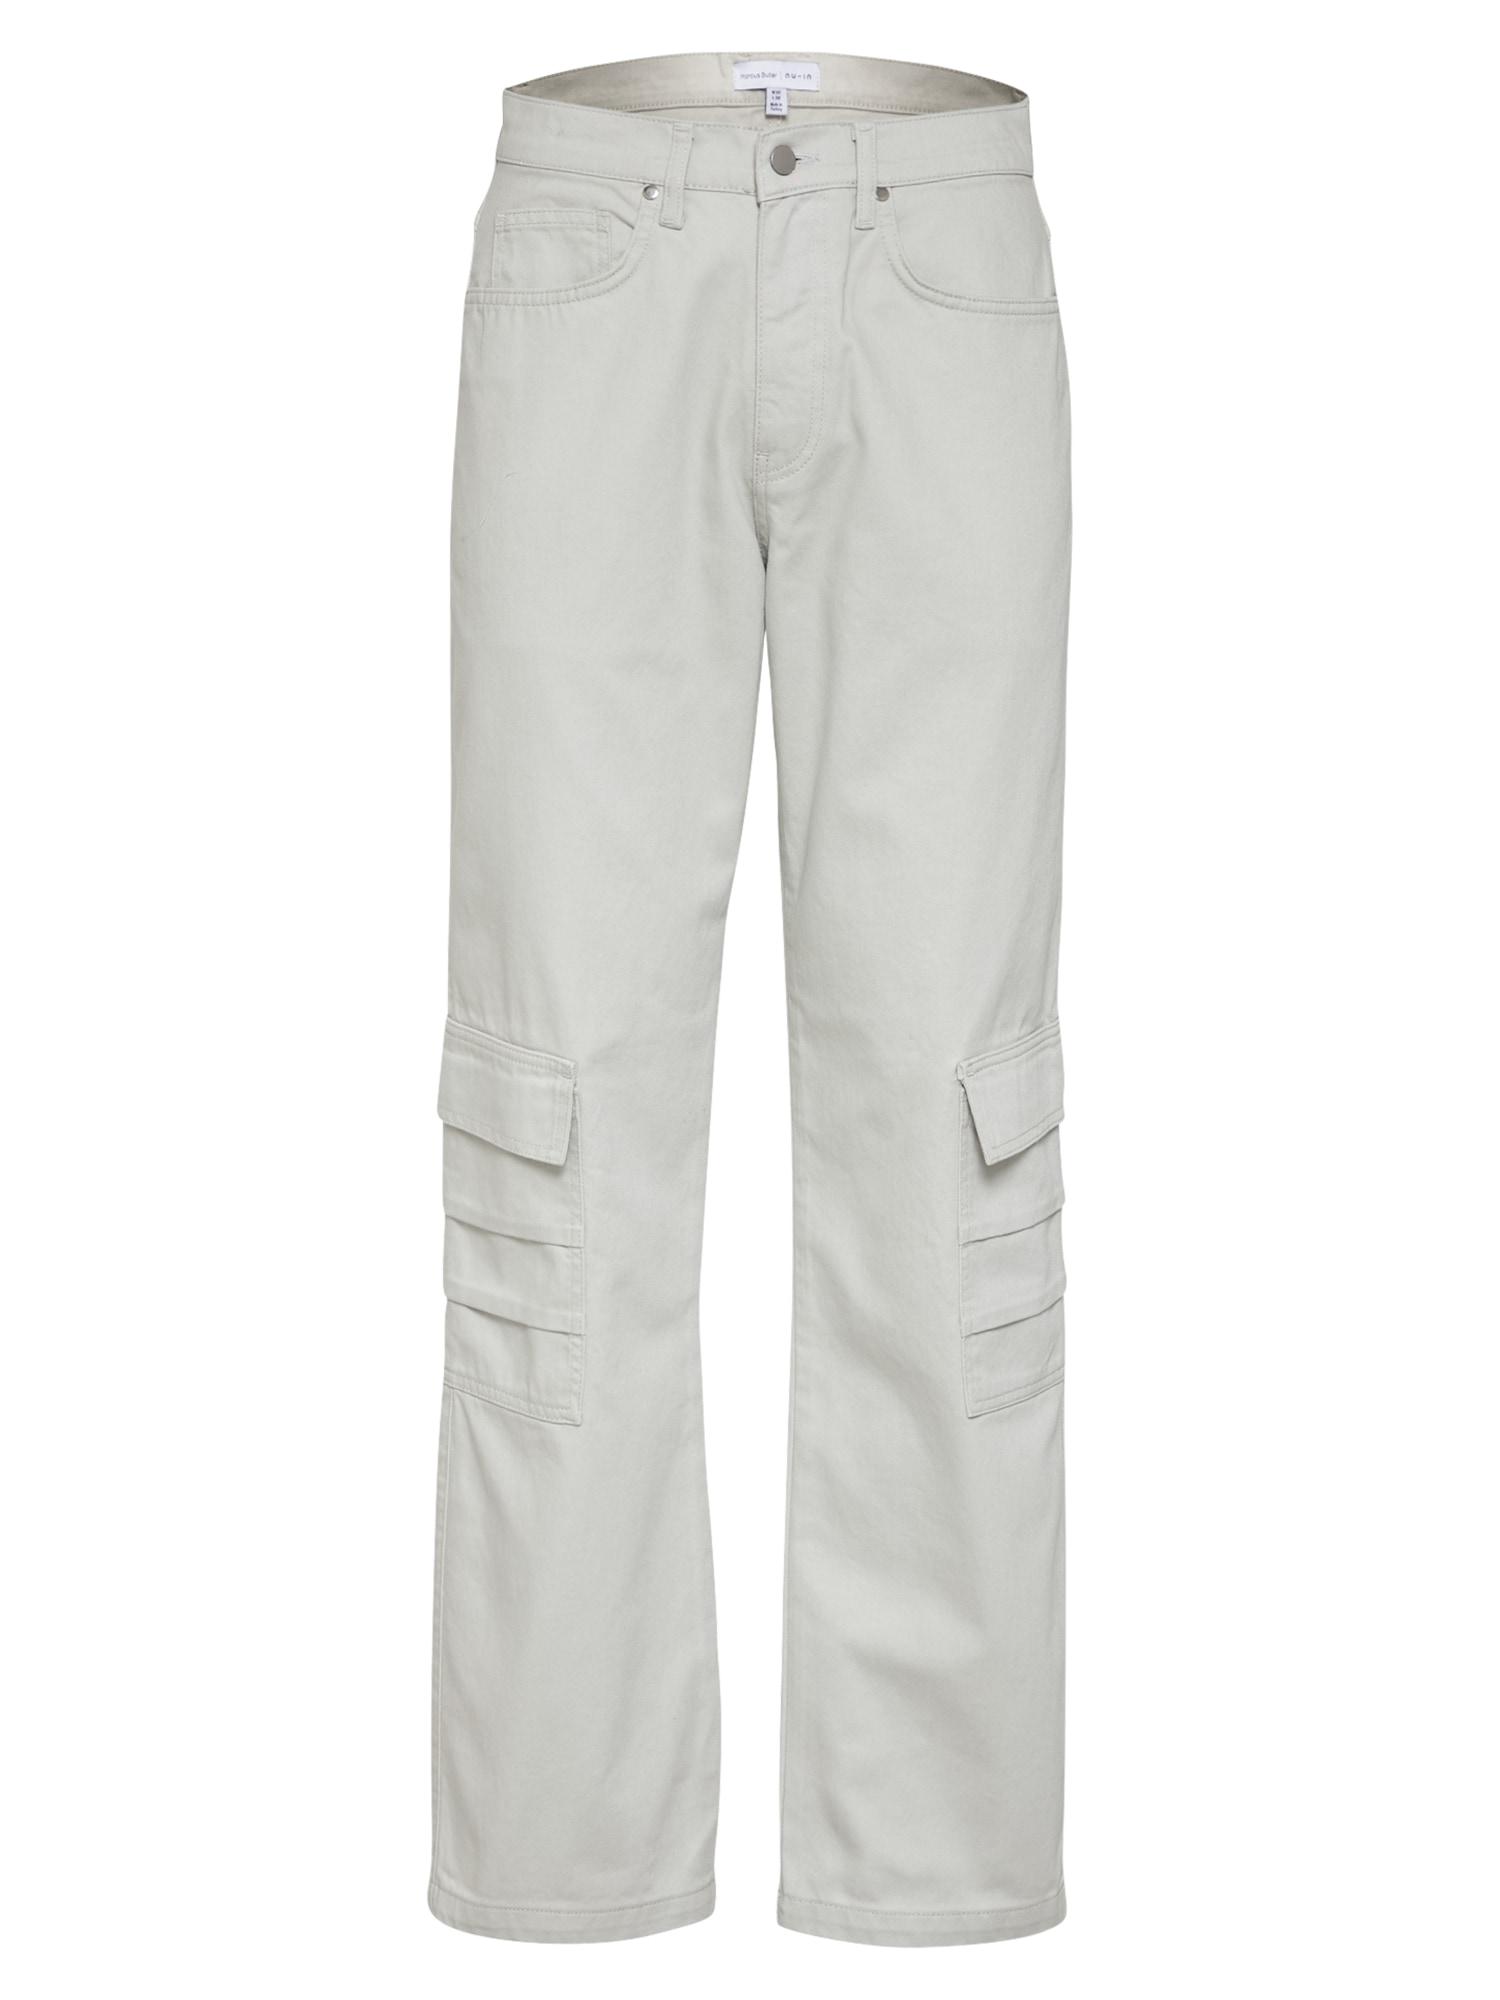 NU-IN Darbinio stiliaus džinsai kiaušinio lukšto spalva